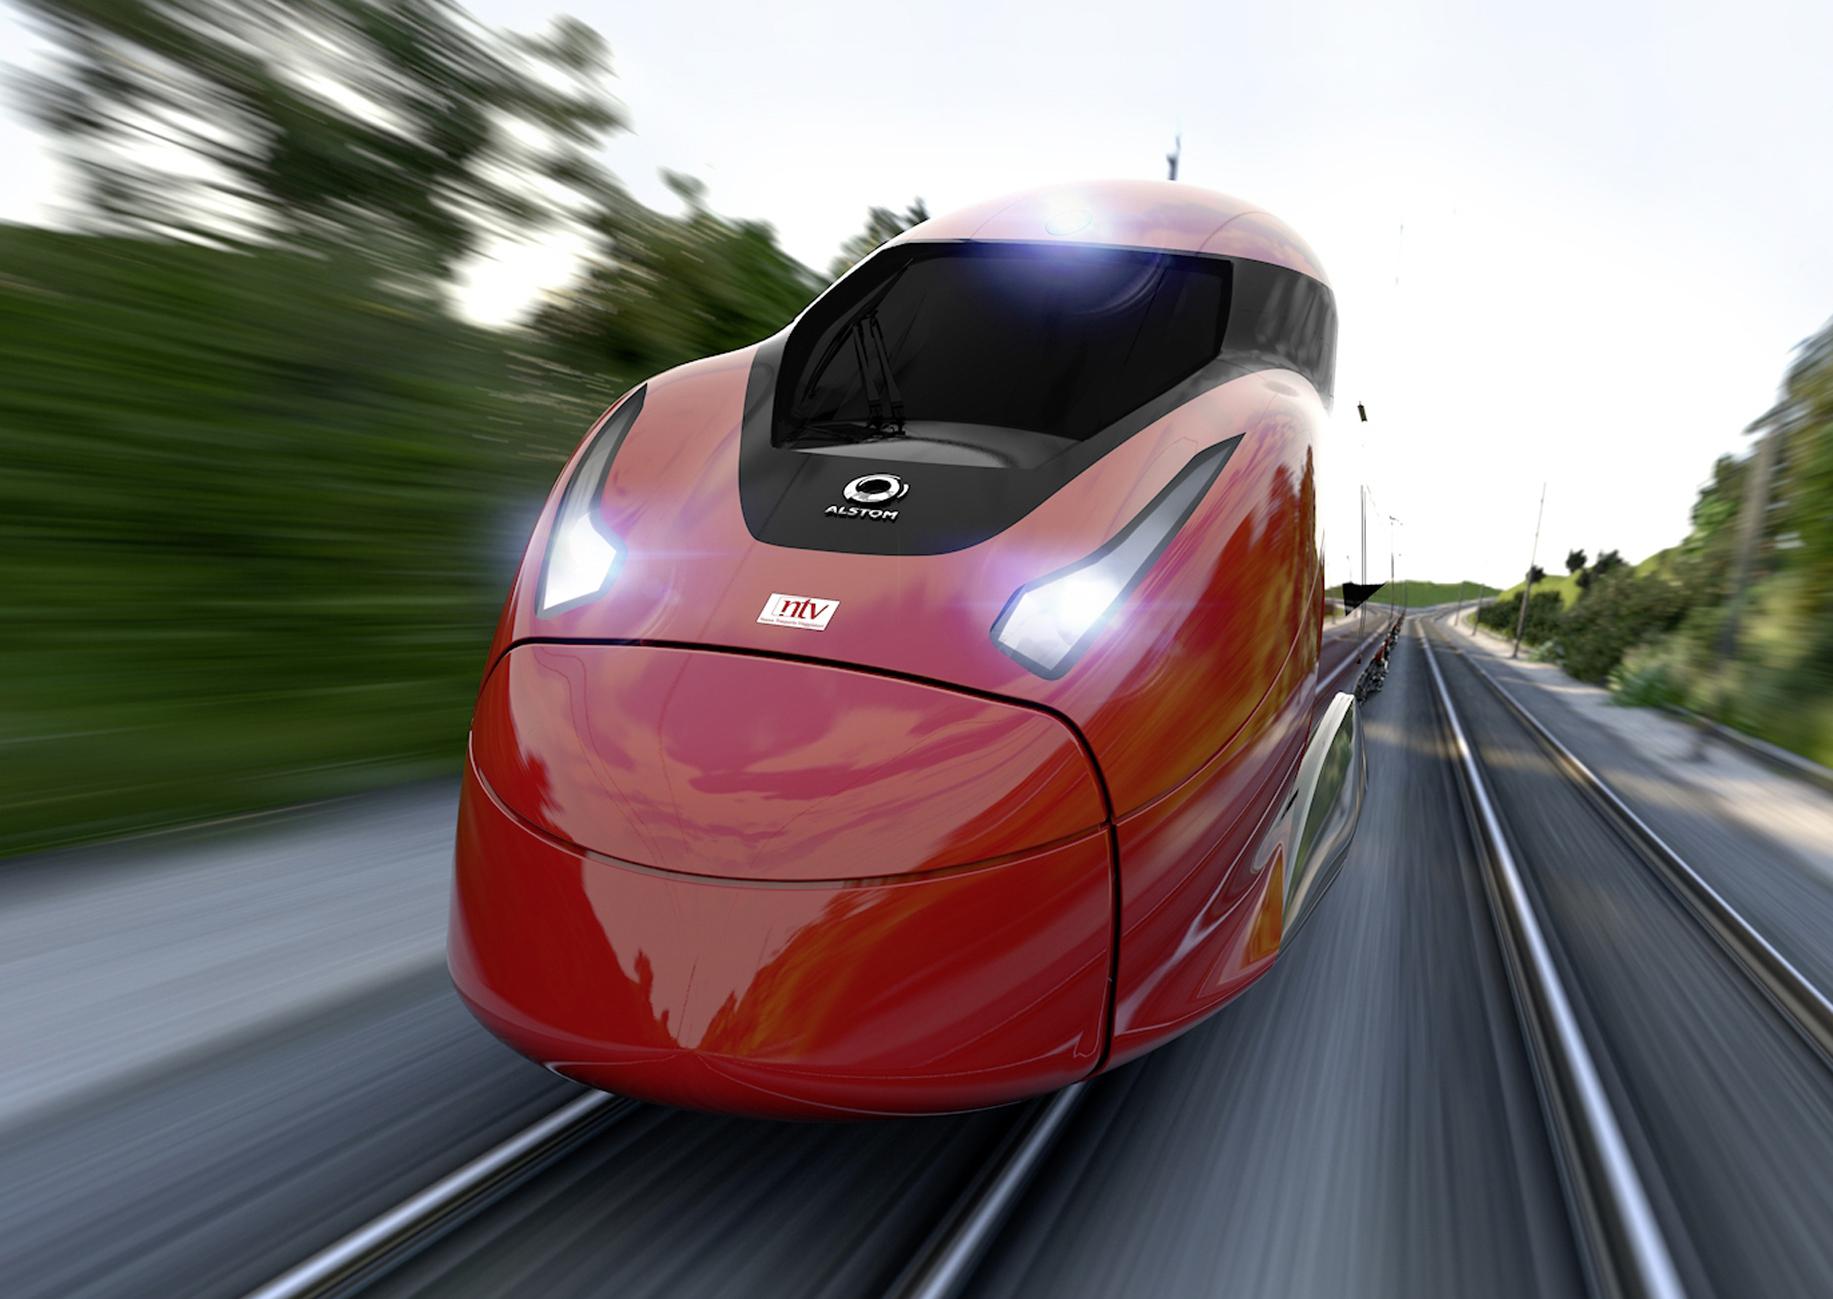 Frontaufnahme eines roten Alstom-Schnellzuges in Fahrt